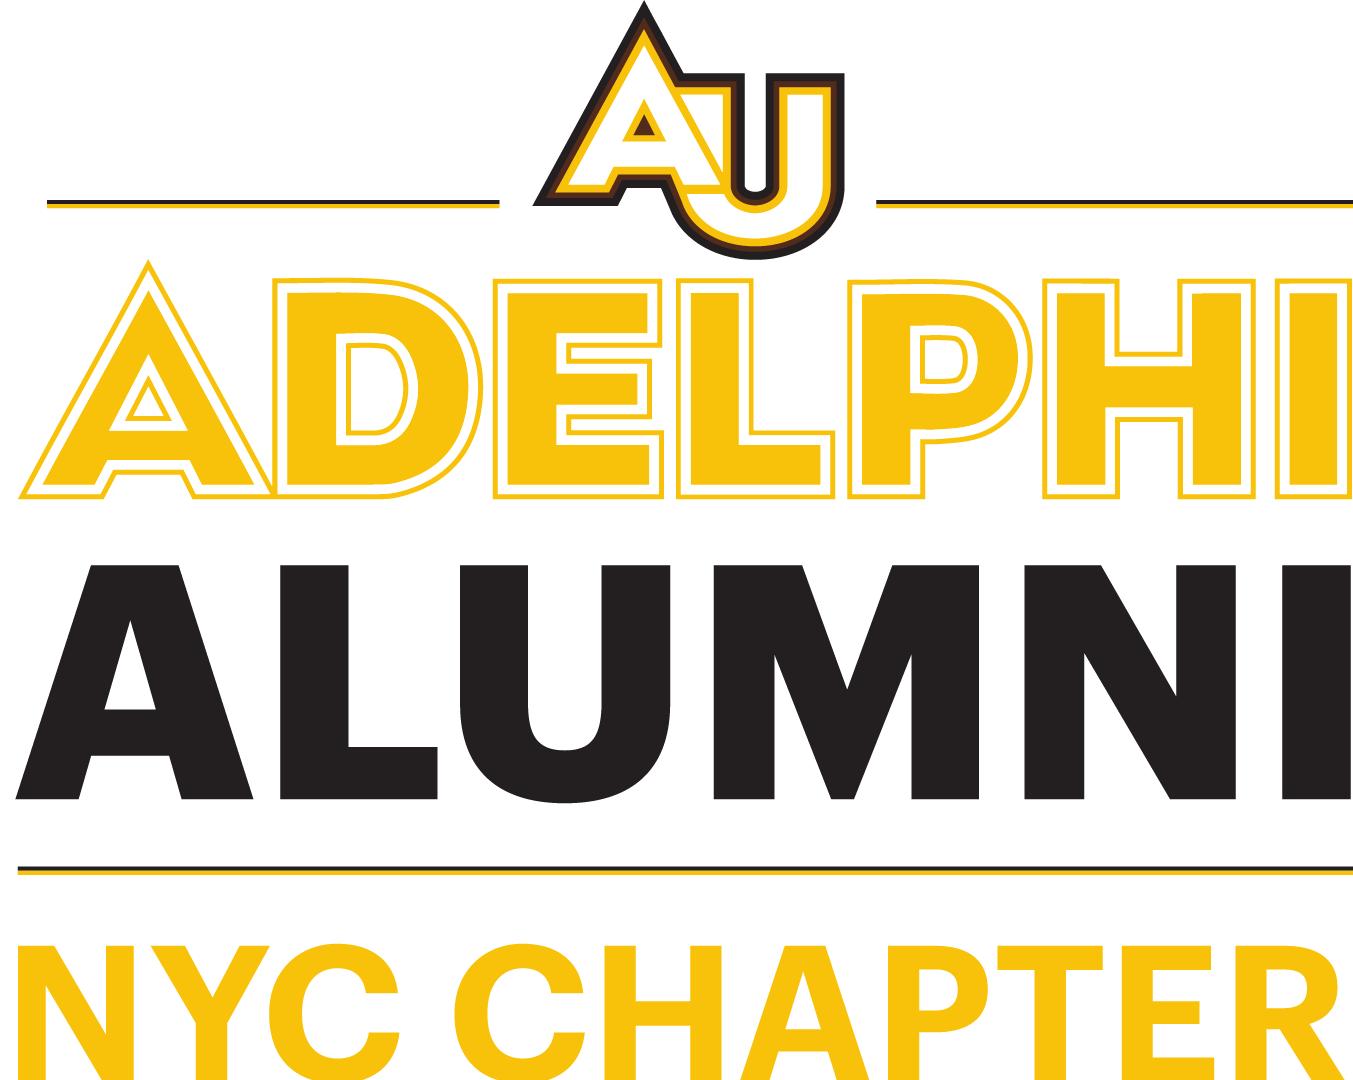 Adelphi Alumni Logo NYC Chapter